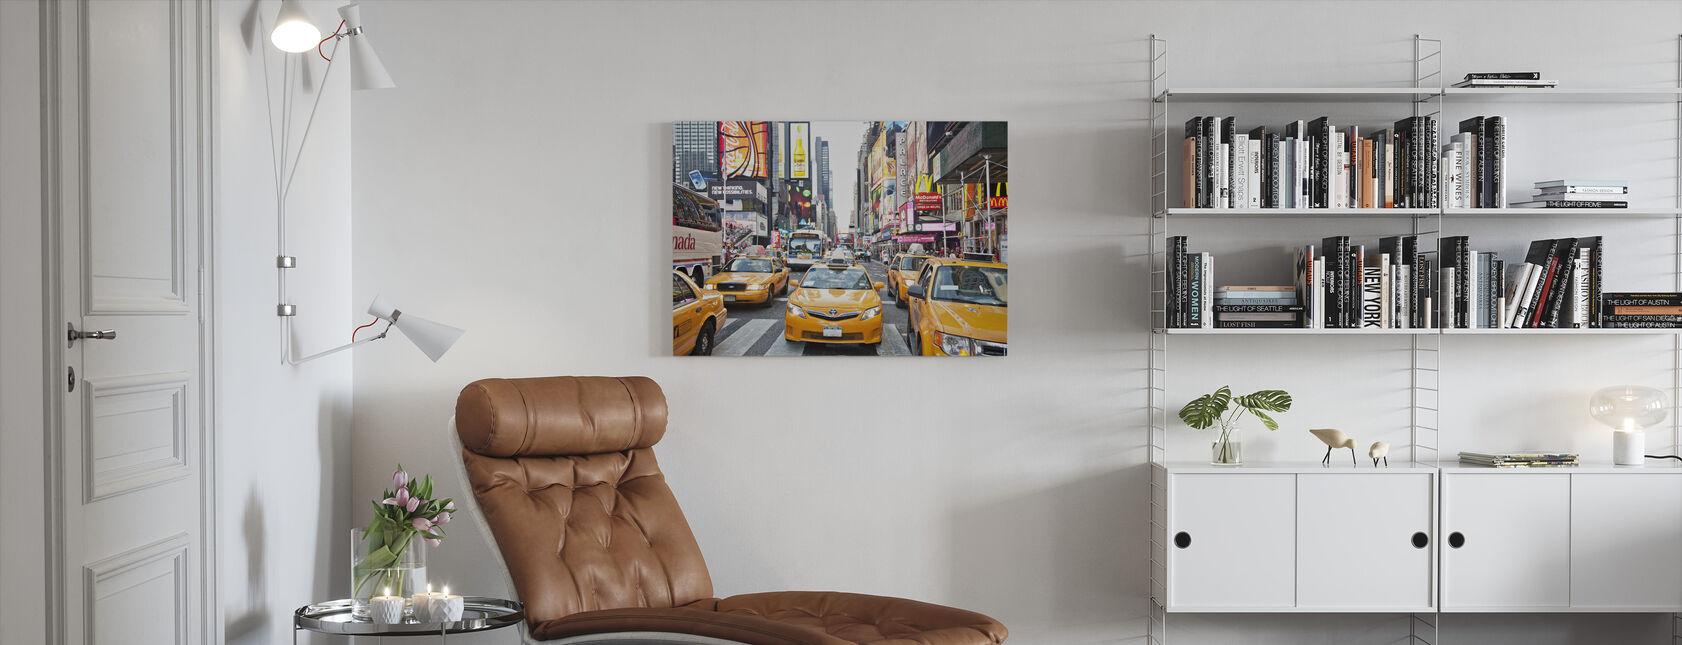 Førerhuse og kapitalisme, New York - Billede på lærred - Stue